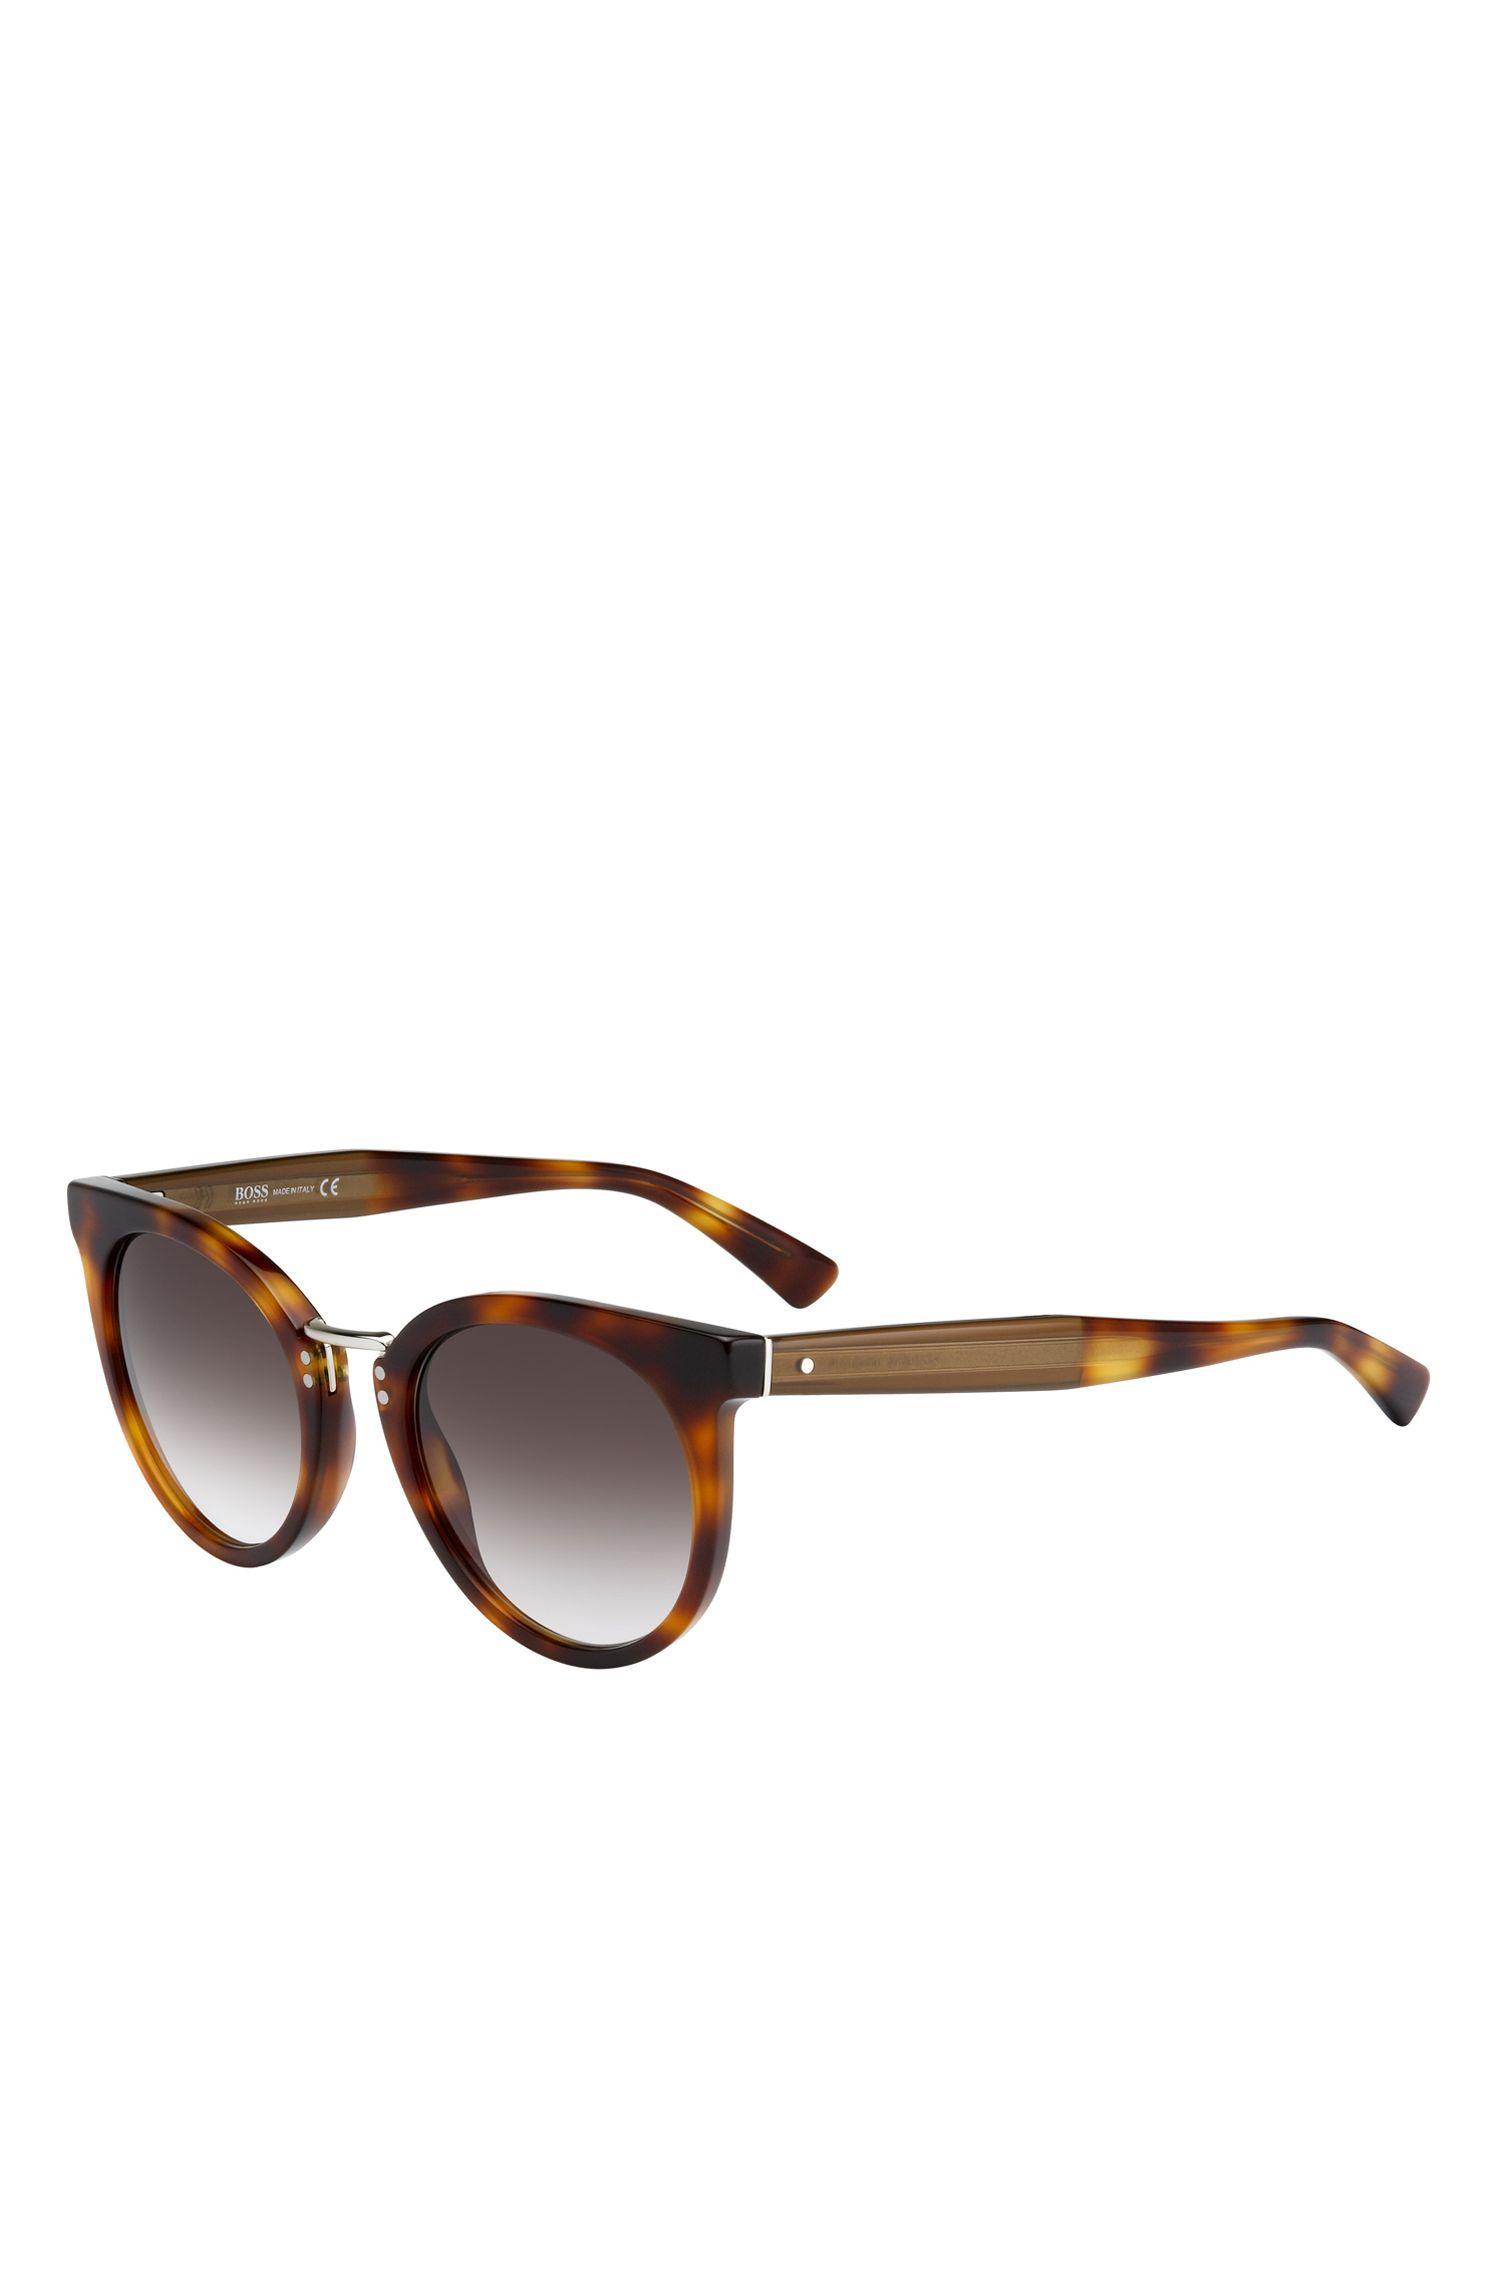 'BOSS 0793S' | Black Lens Rounded Cateye Havana Sunglasses